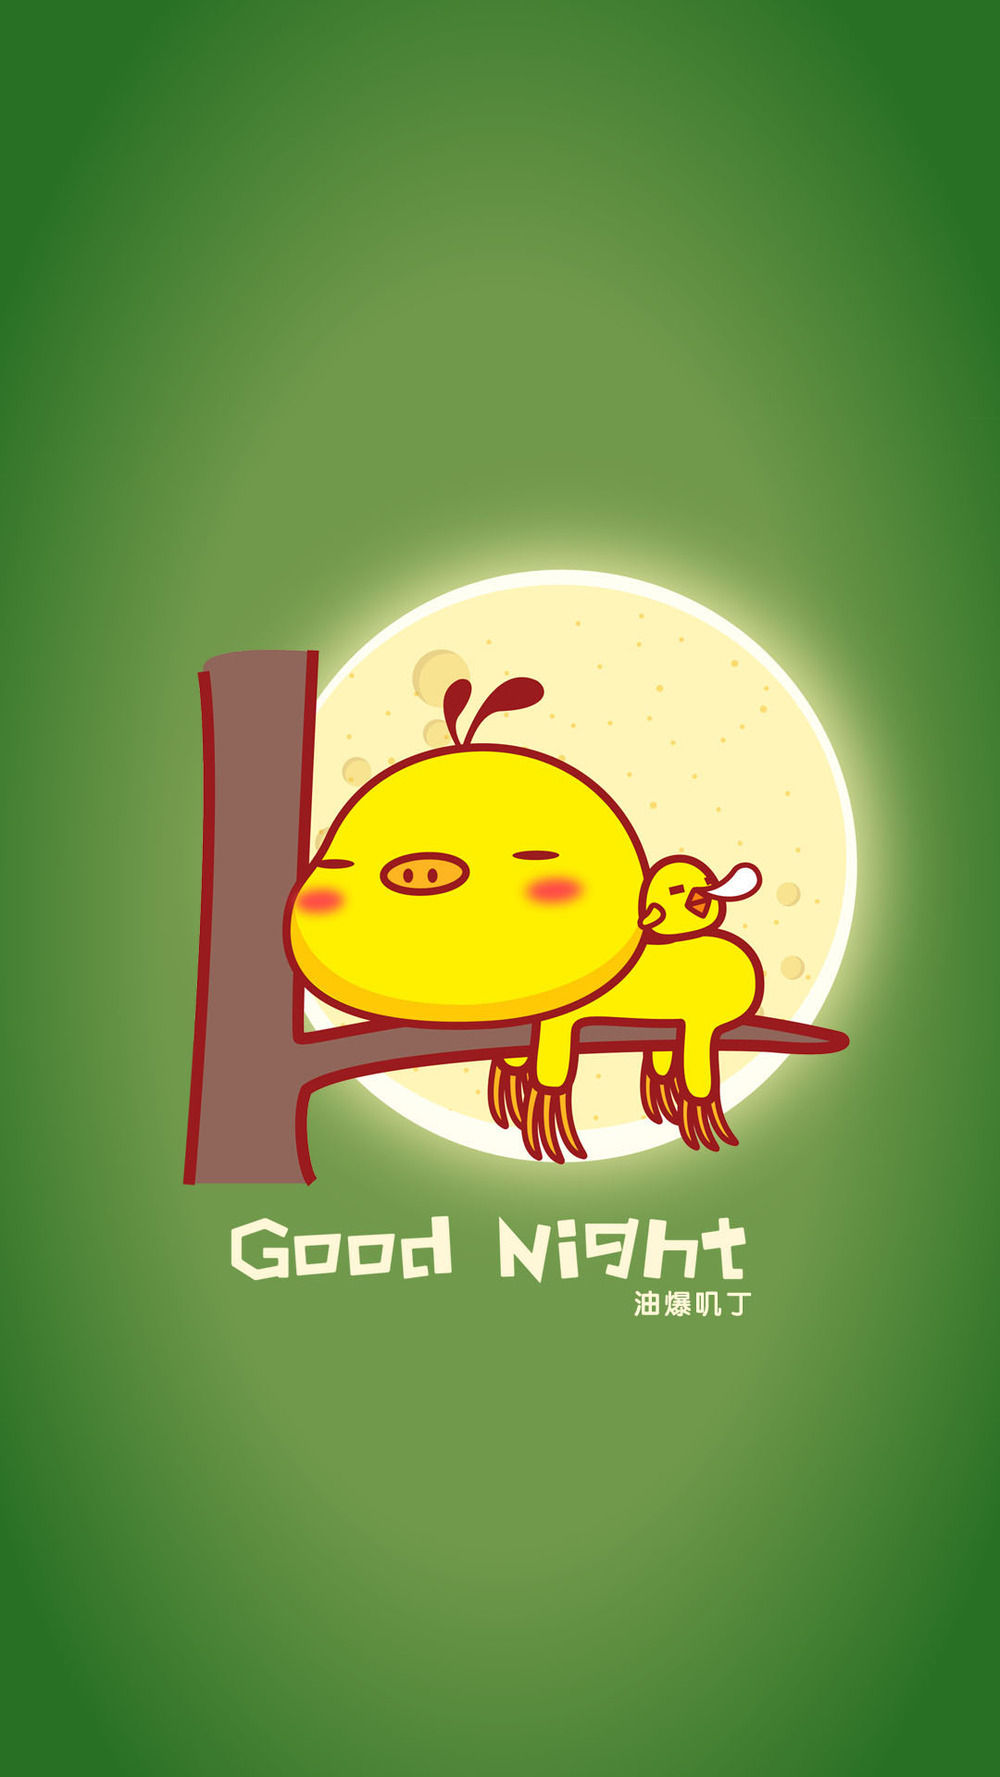 树懒 晚安-1080x1920.jpg